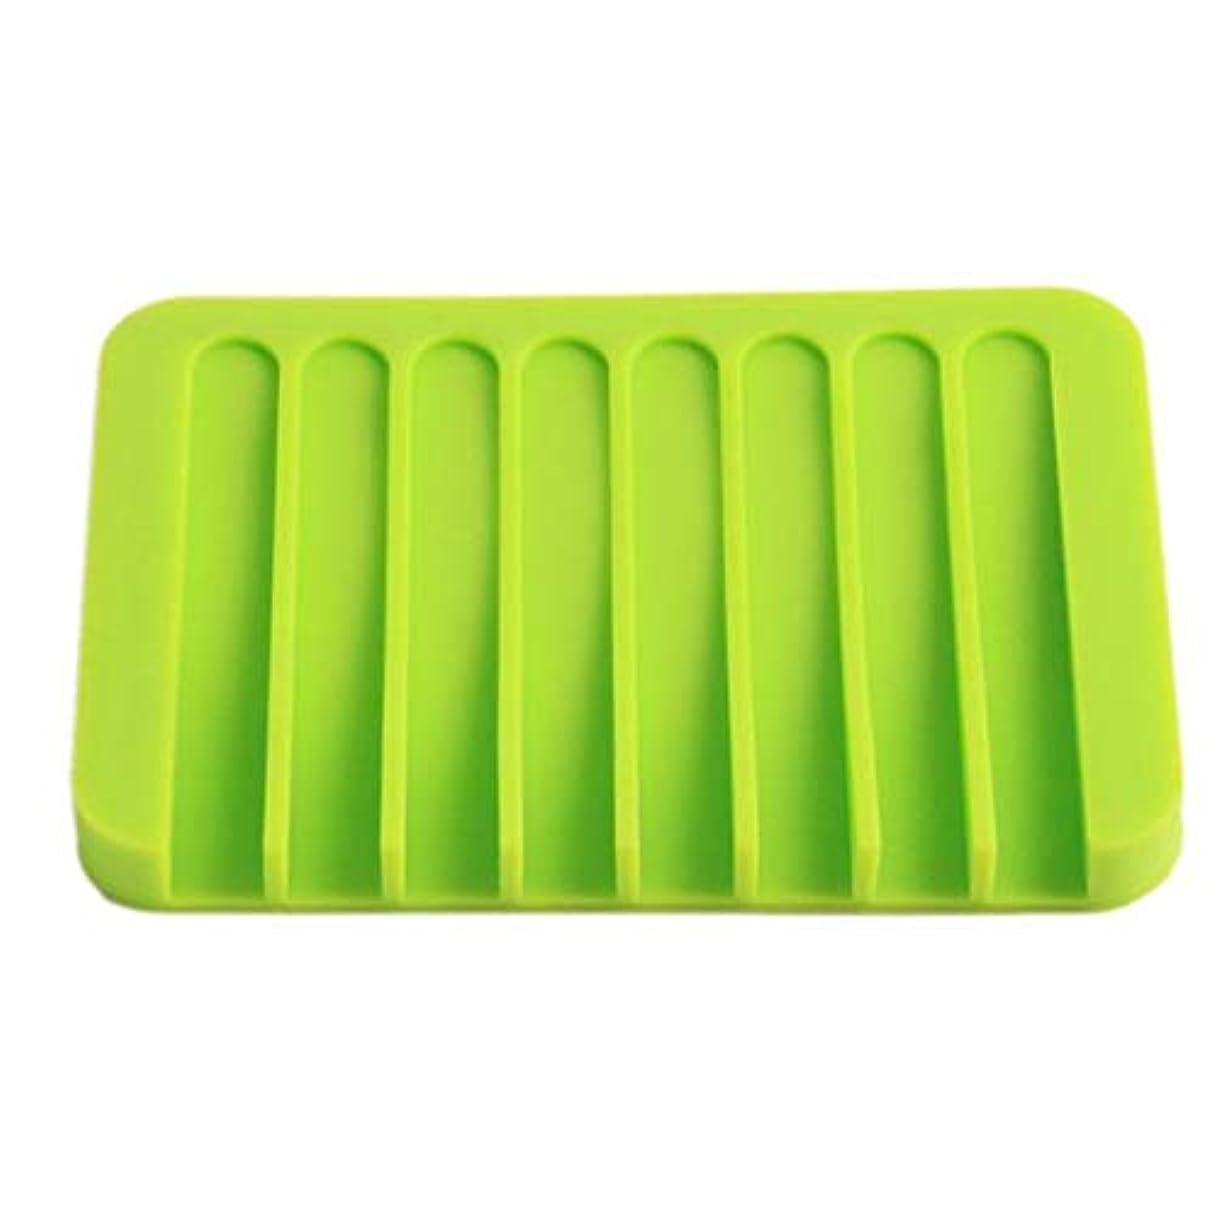 梨剪断ジャンルOnior プレミアム品質のシリコーン浴室柔軟な石鹸皿ソープホルダー収納ソープボックスプレートトレイ排水、グリーン